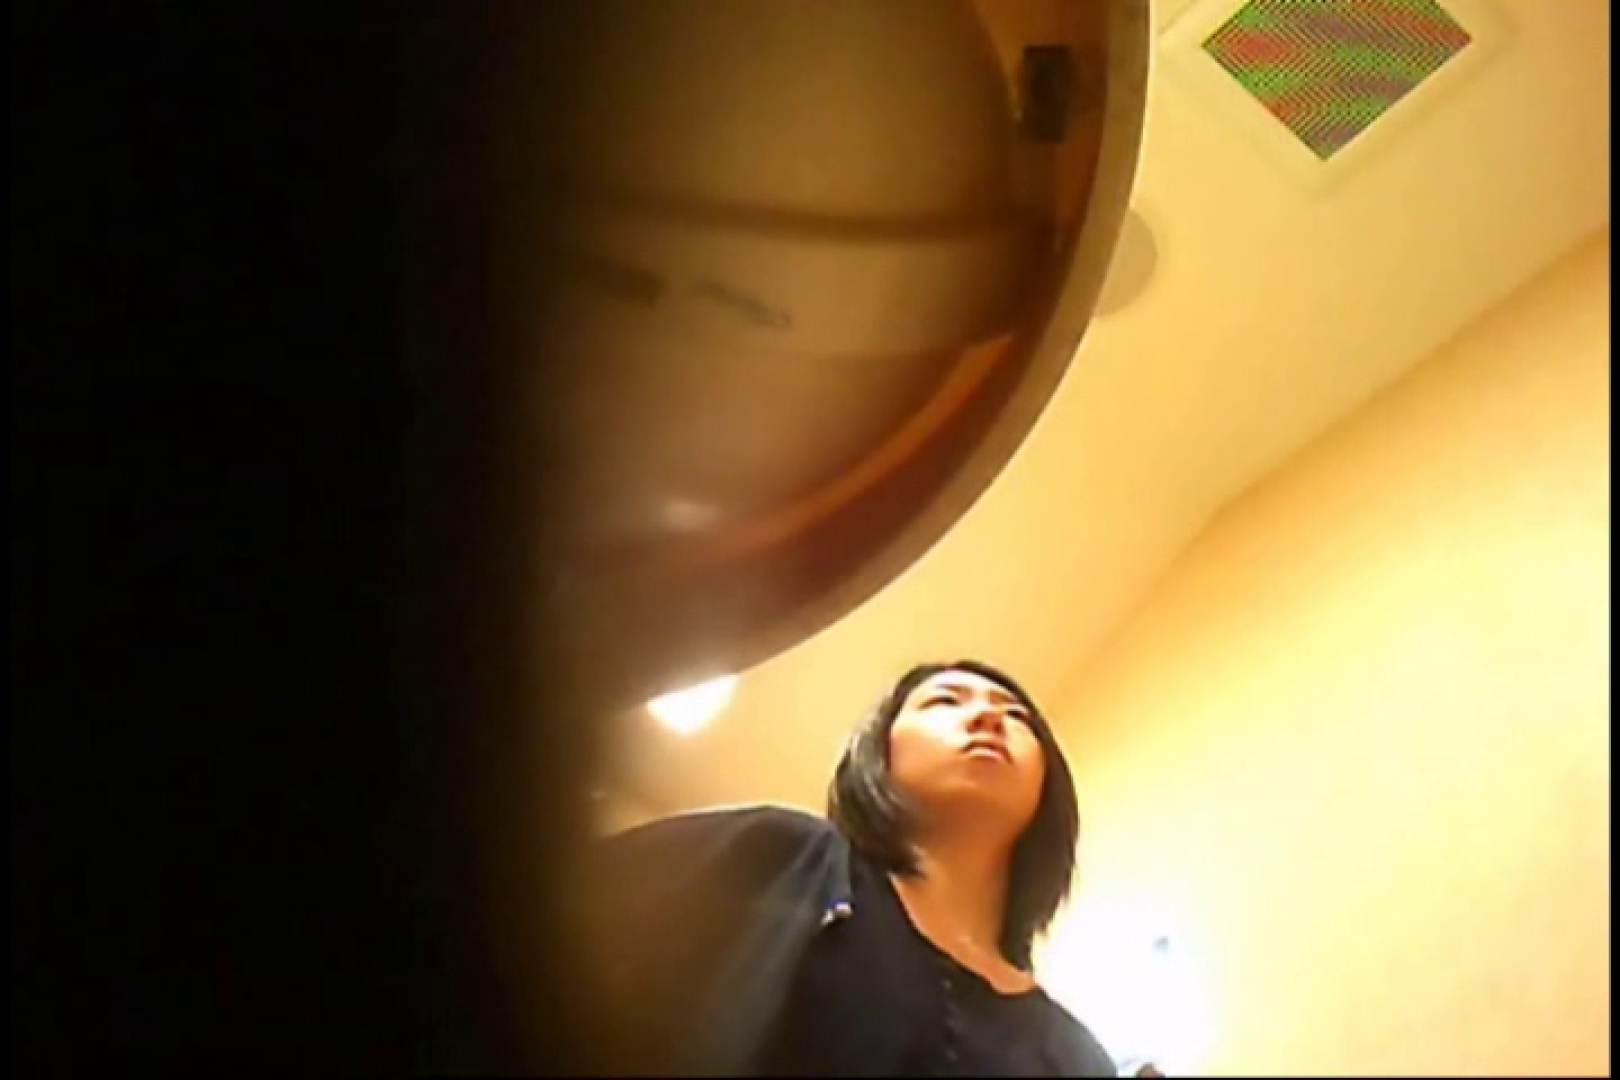 潜入!!女子化粧室盗撮~絶対見られたくない時間~vo,35 潜入 濡れ場動画紹介 107PIX 38